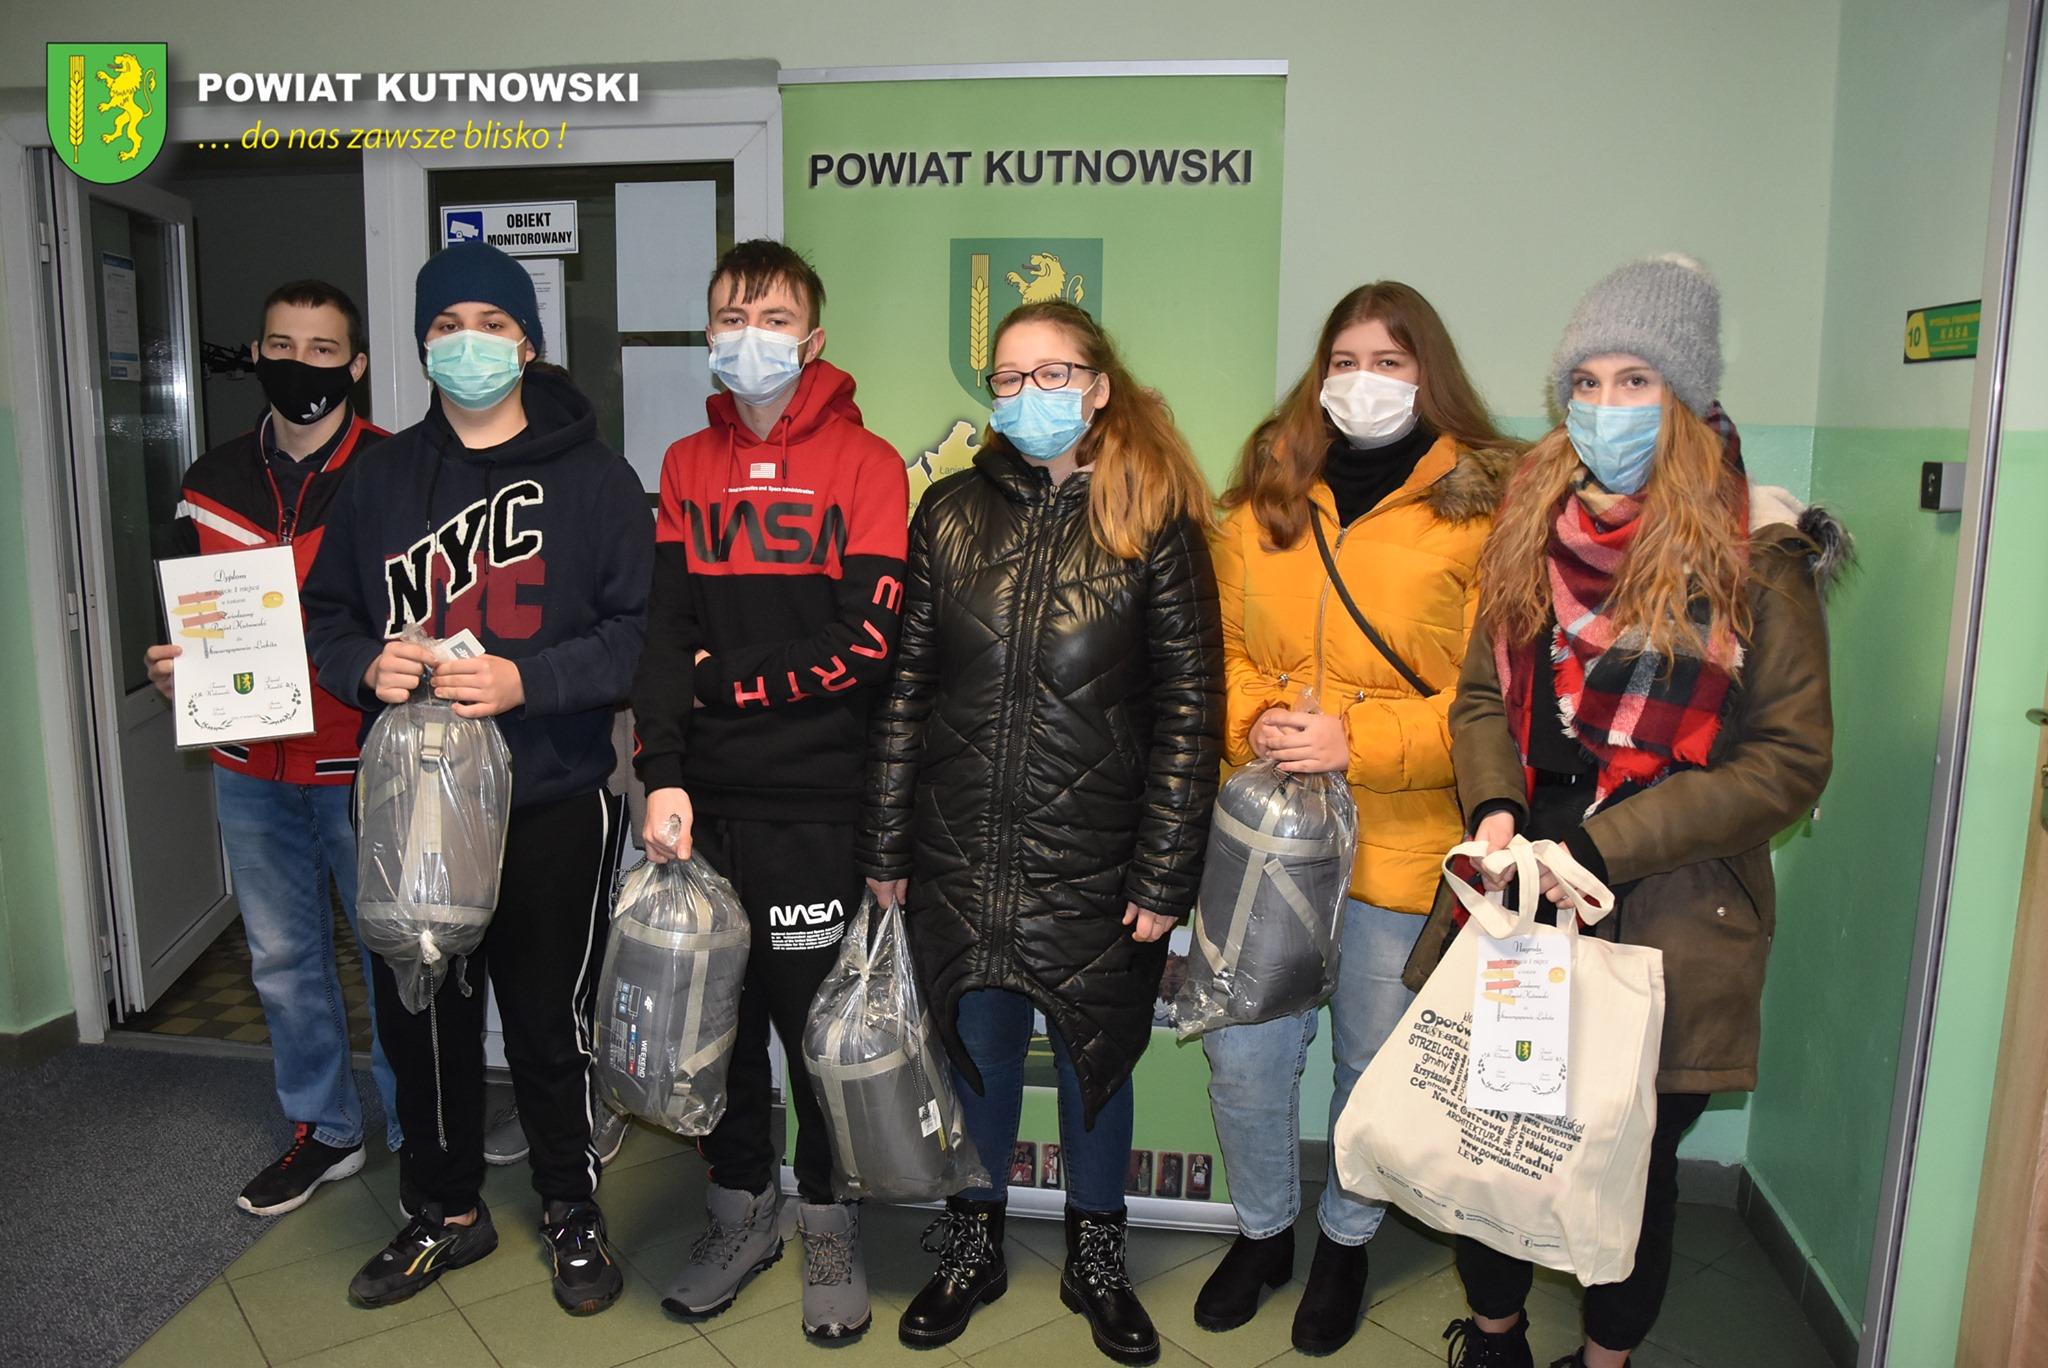 """[ZDJĘCIA] """"Zwiedzamy Powiat Kutnowski"""": starostwo nagrodziło uczestników - Zdjęcie główne"""